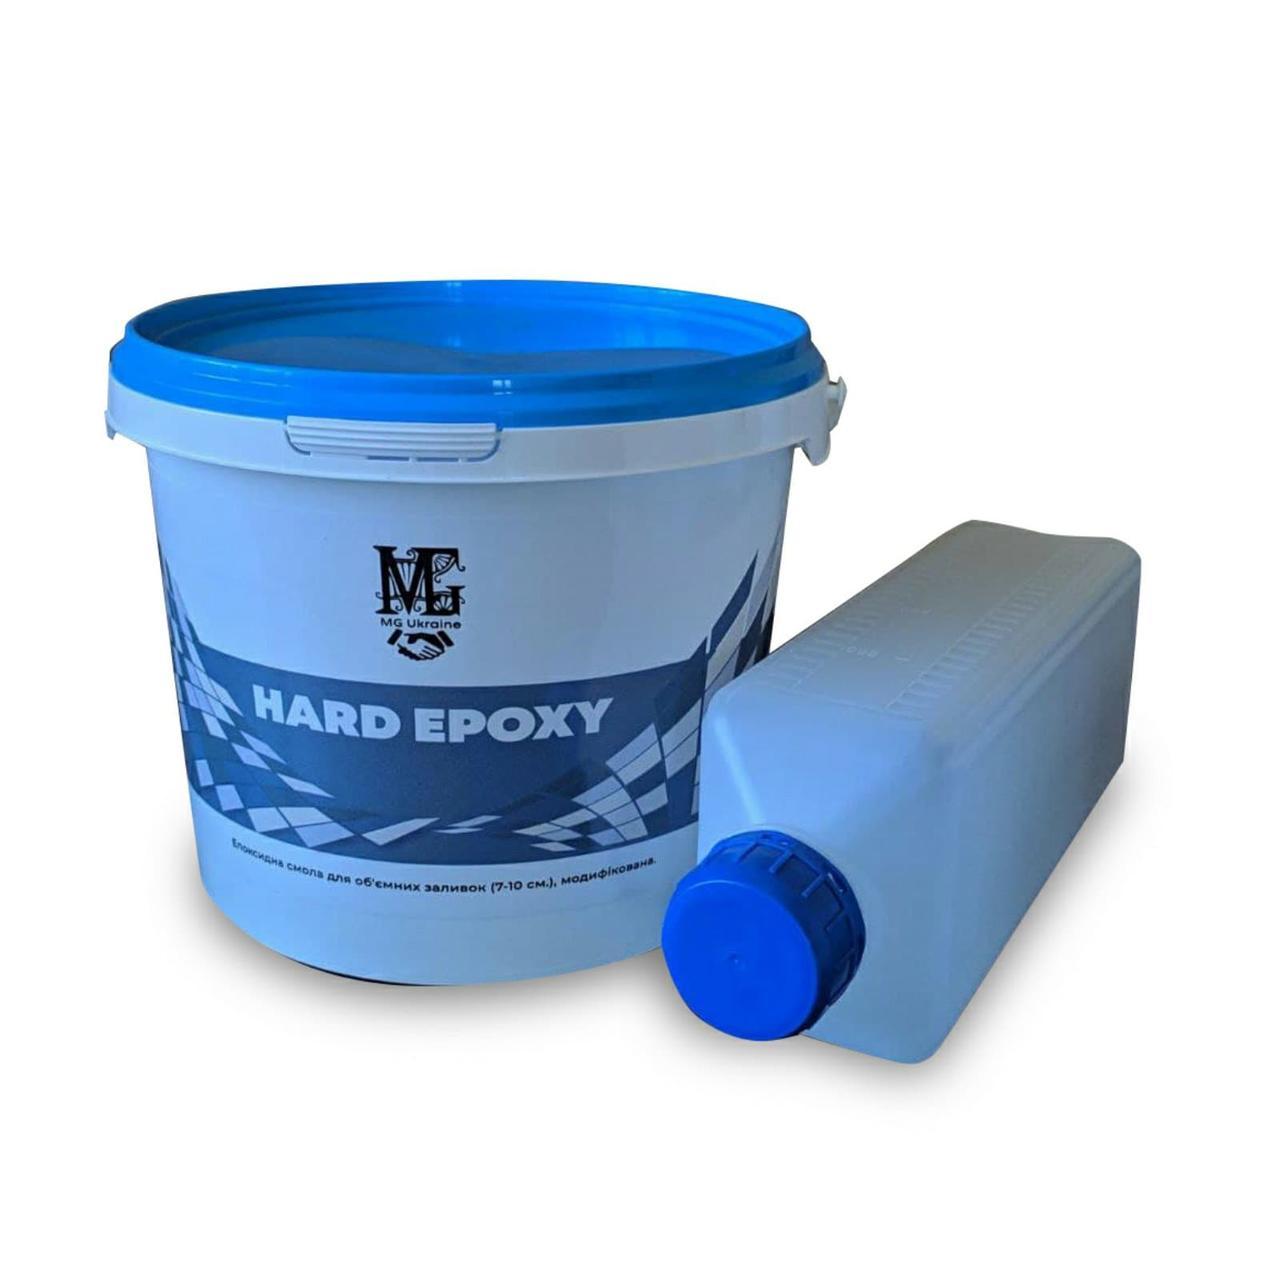 Эпоксидная смола для объемных заливок от 20 мм до 50 мм 3,00 кг Hard epoxy